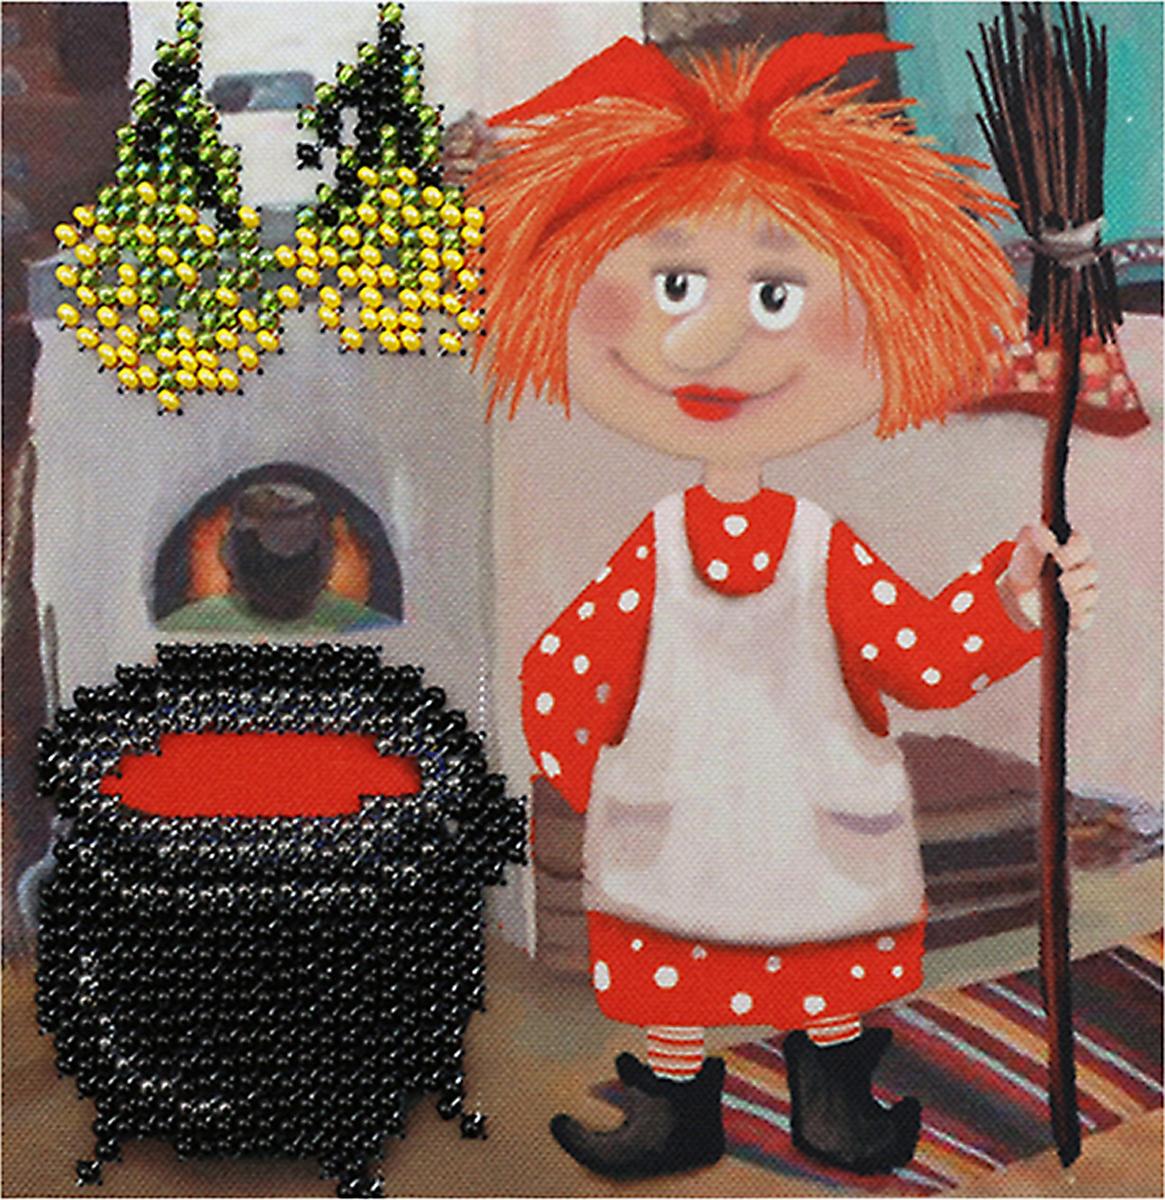 Набор для вышивания бисером Бисеринка Бабаежка, 12 х 12 см набор для вышивания бисером бисеринка под зонтиком 12 х 12 см